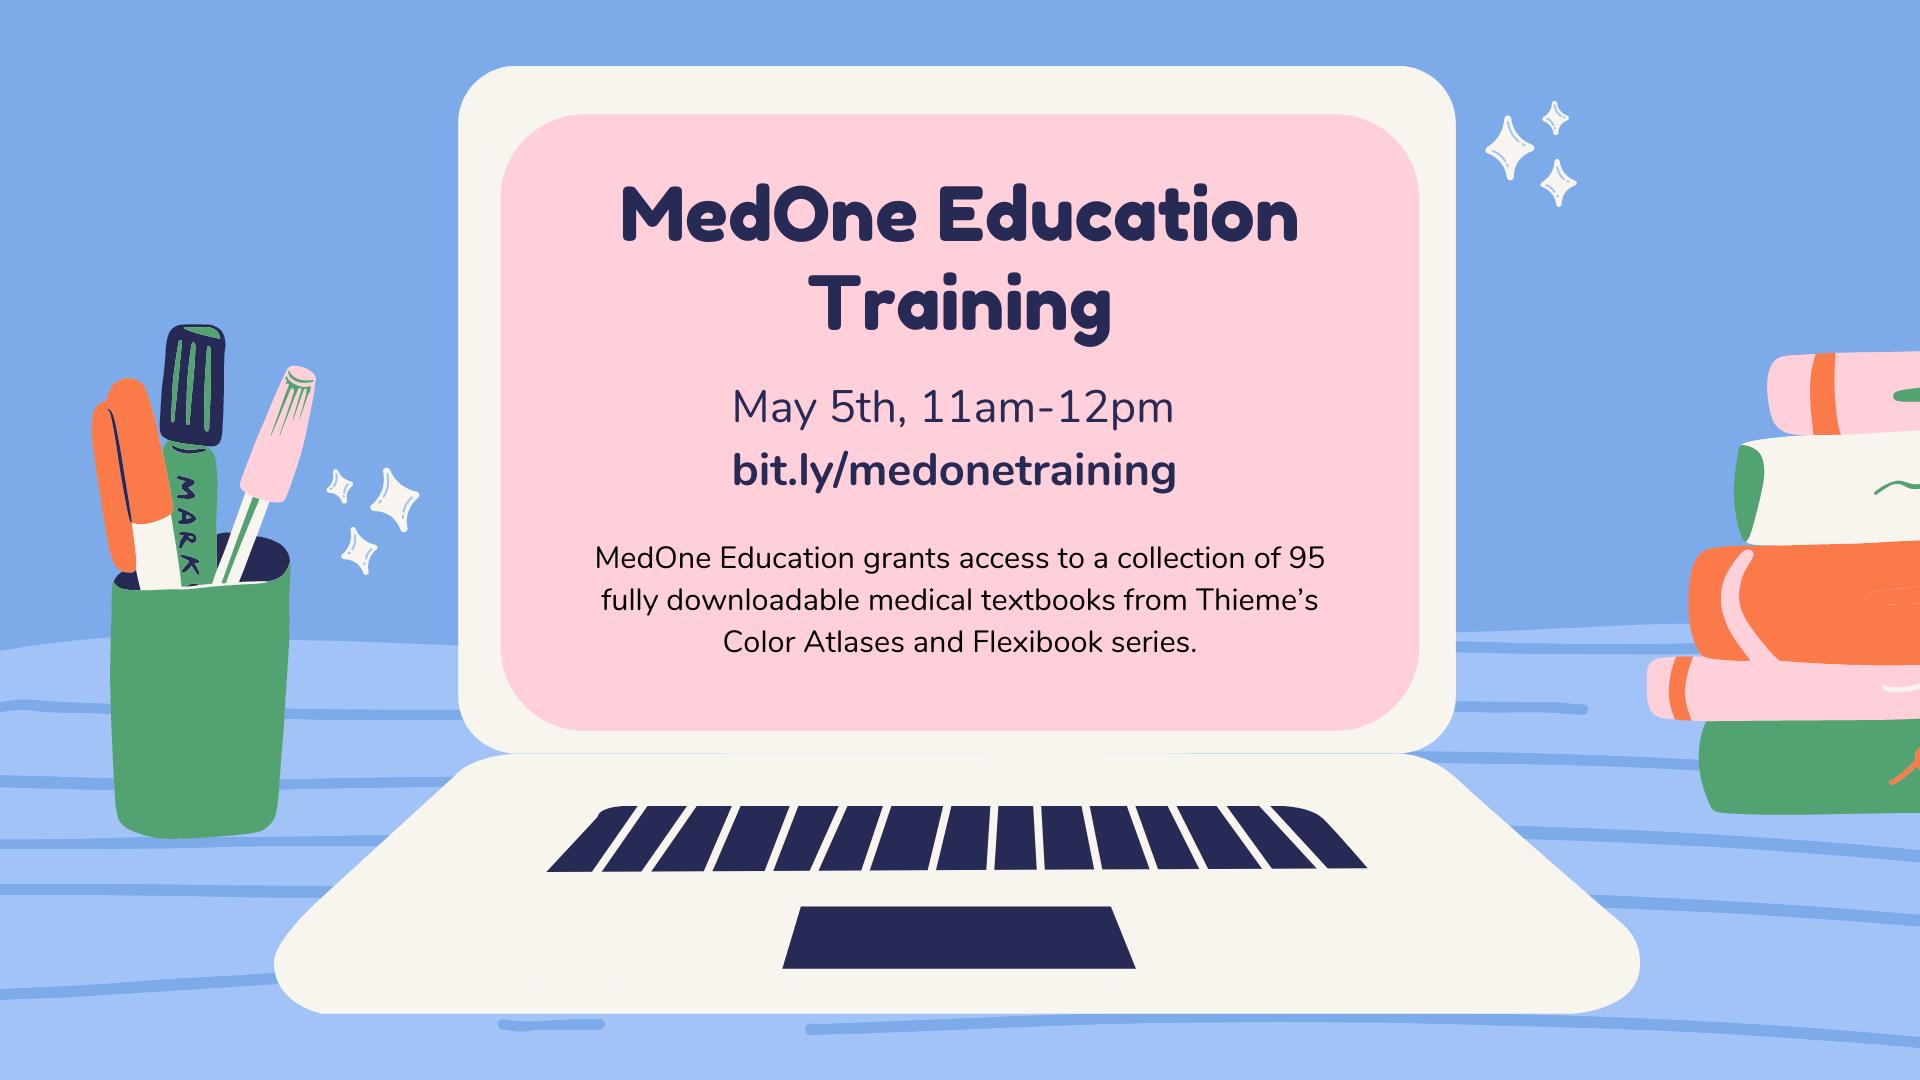 MedOne Education Training